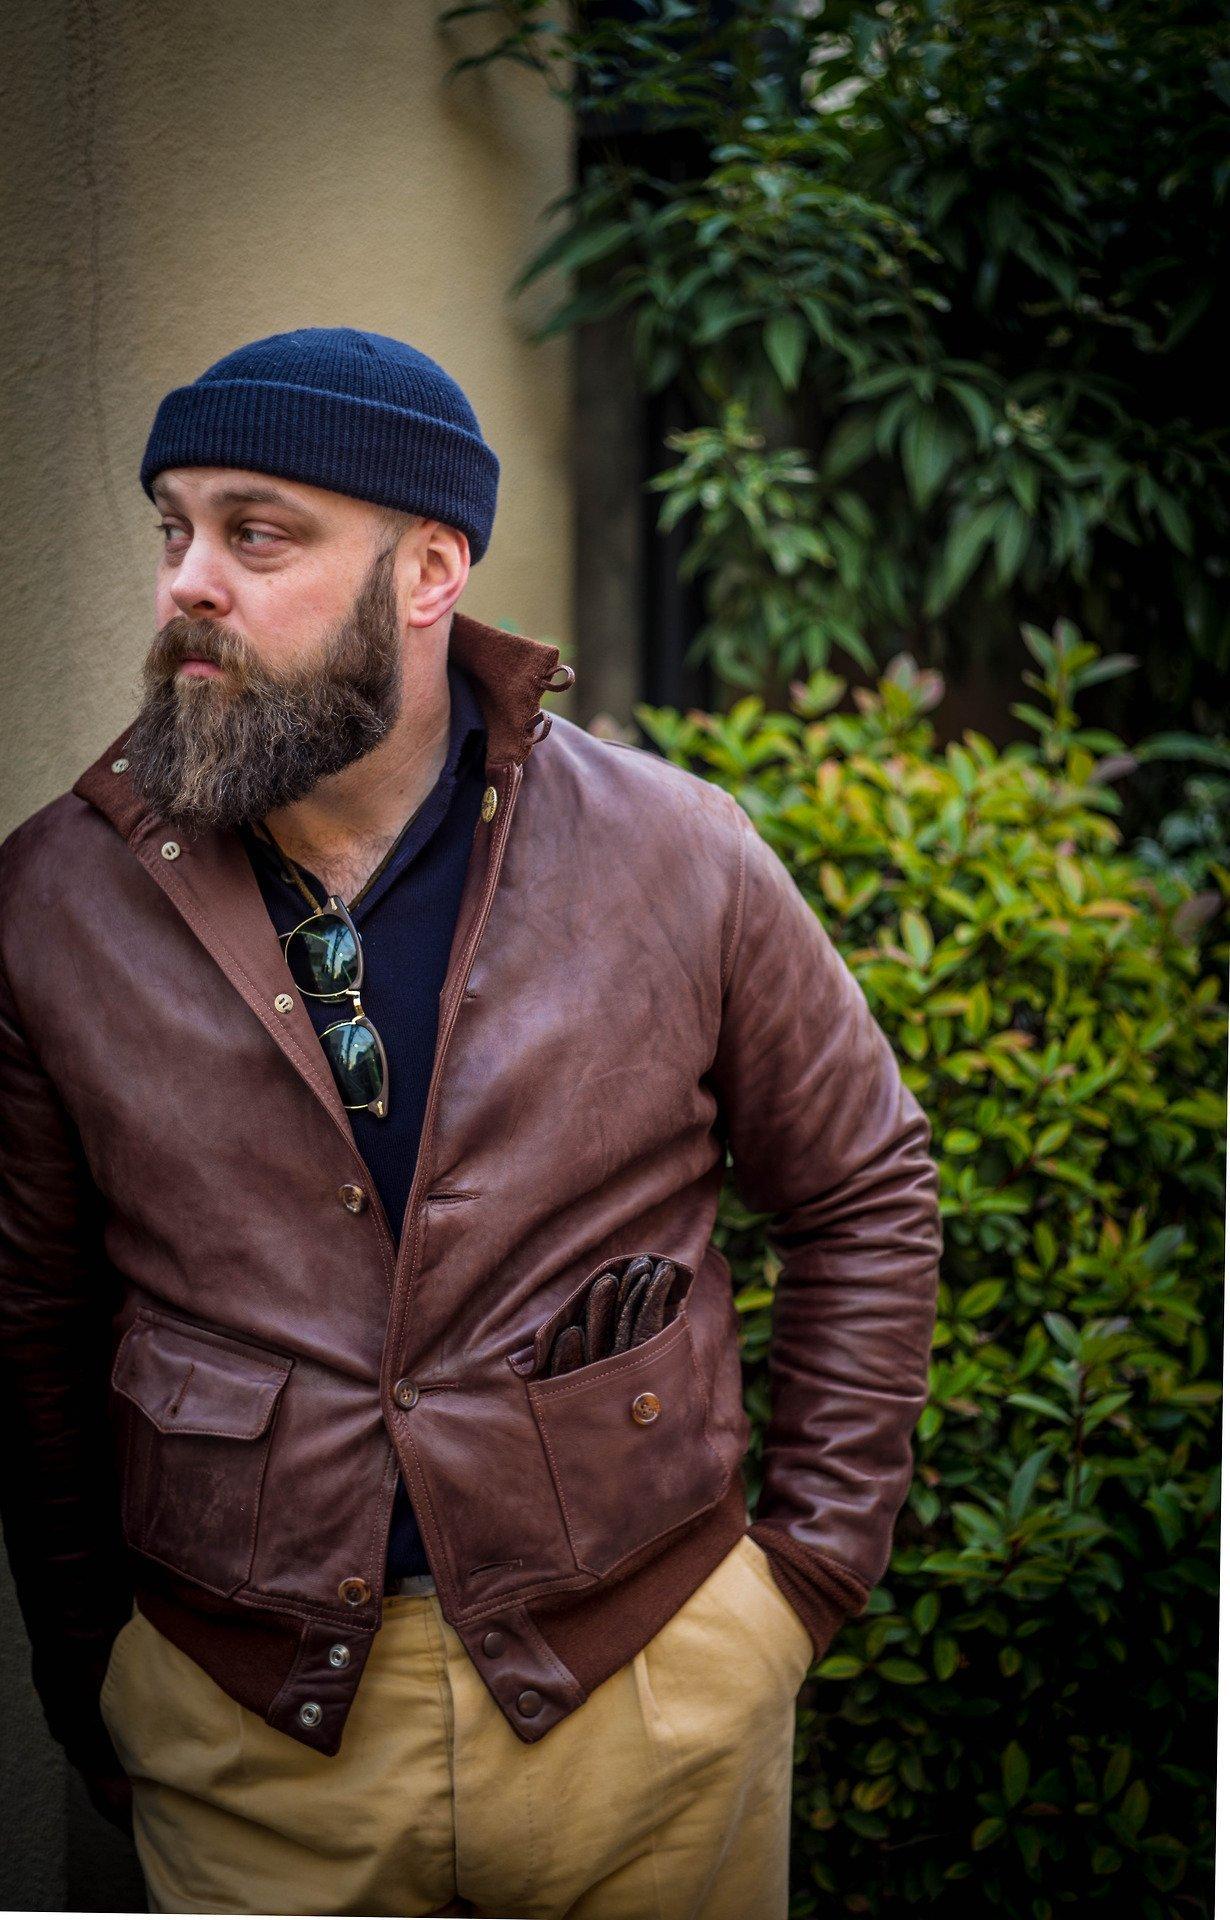 gorro masculino com jaqueta de couro